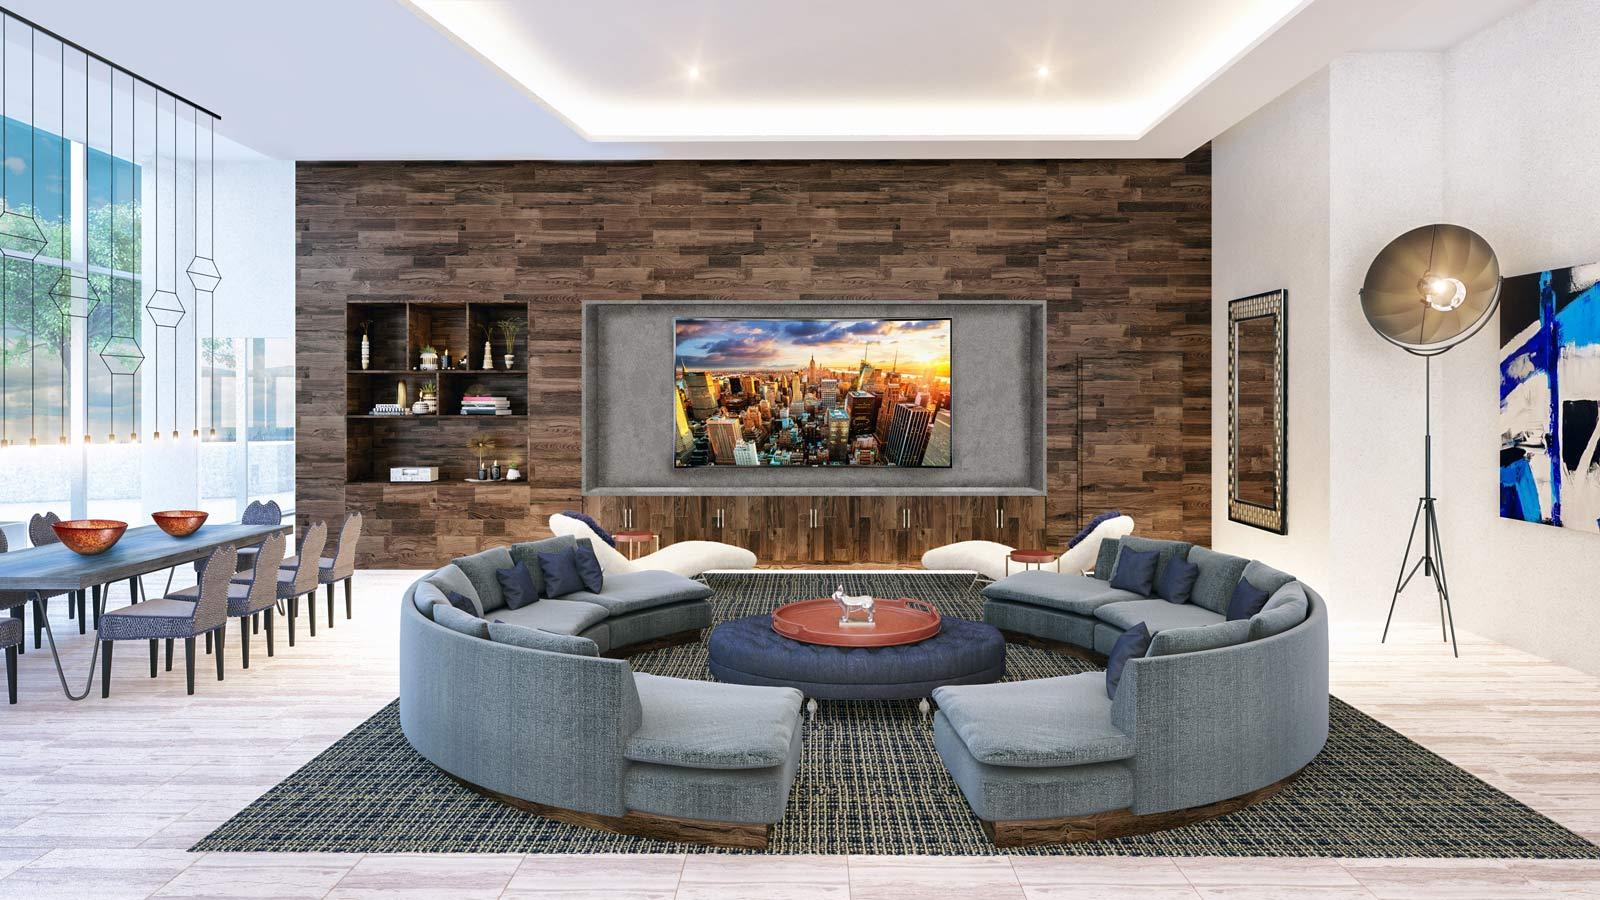 414 1 Kari Whitman Interior Design